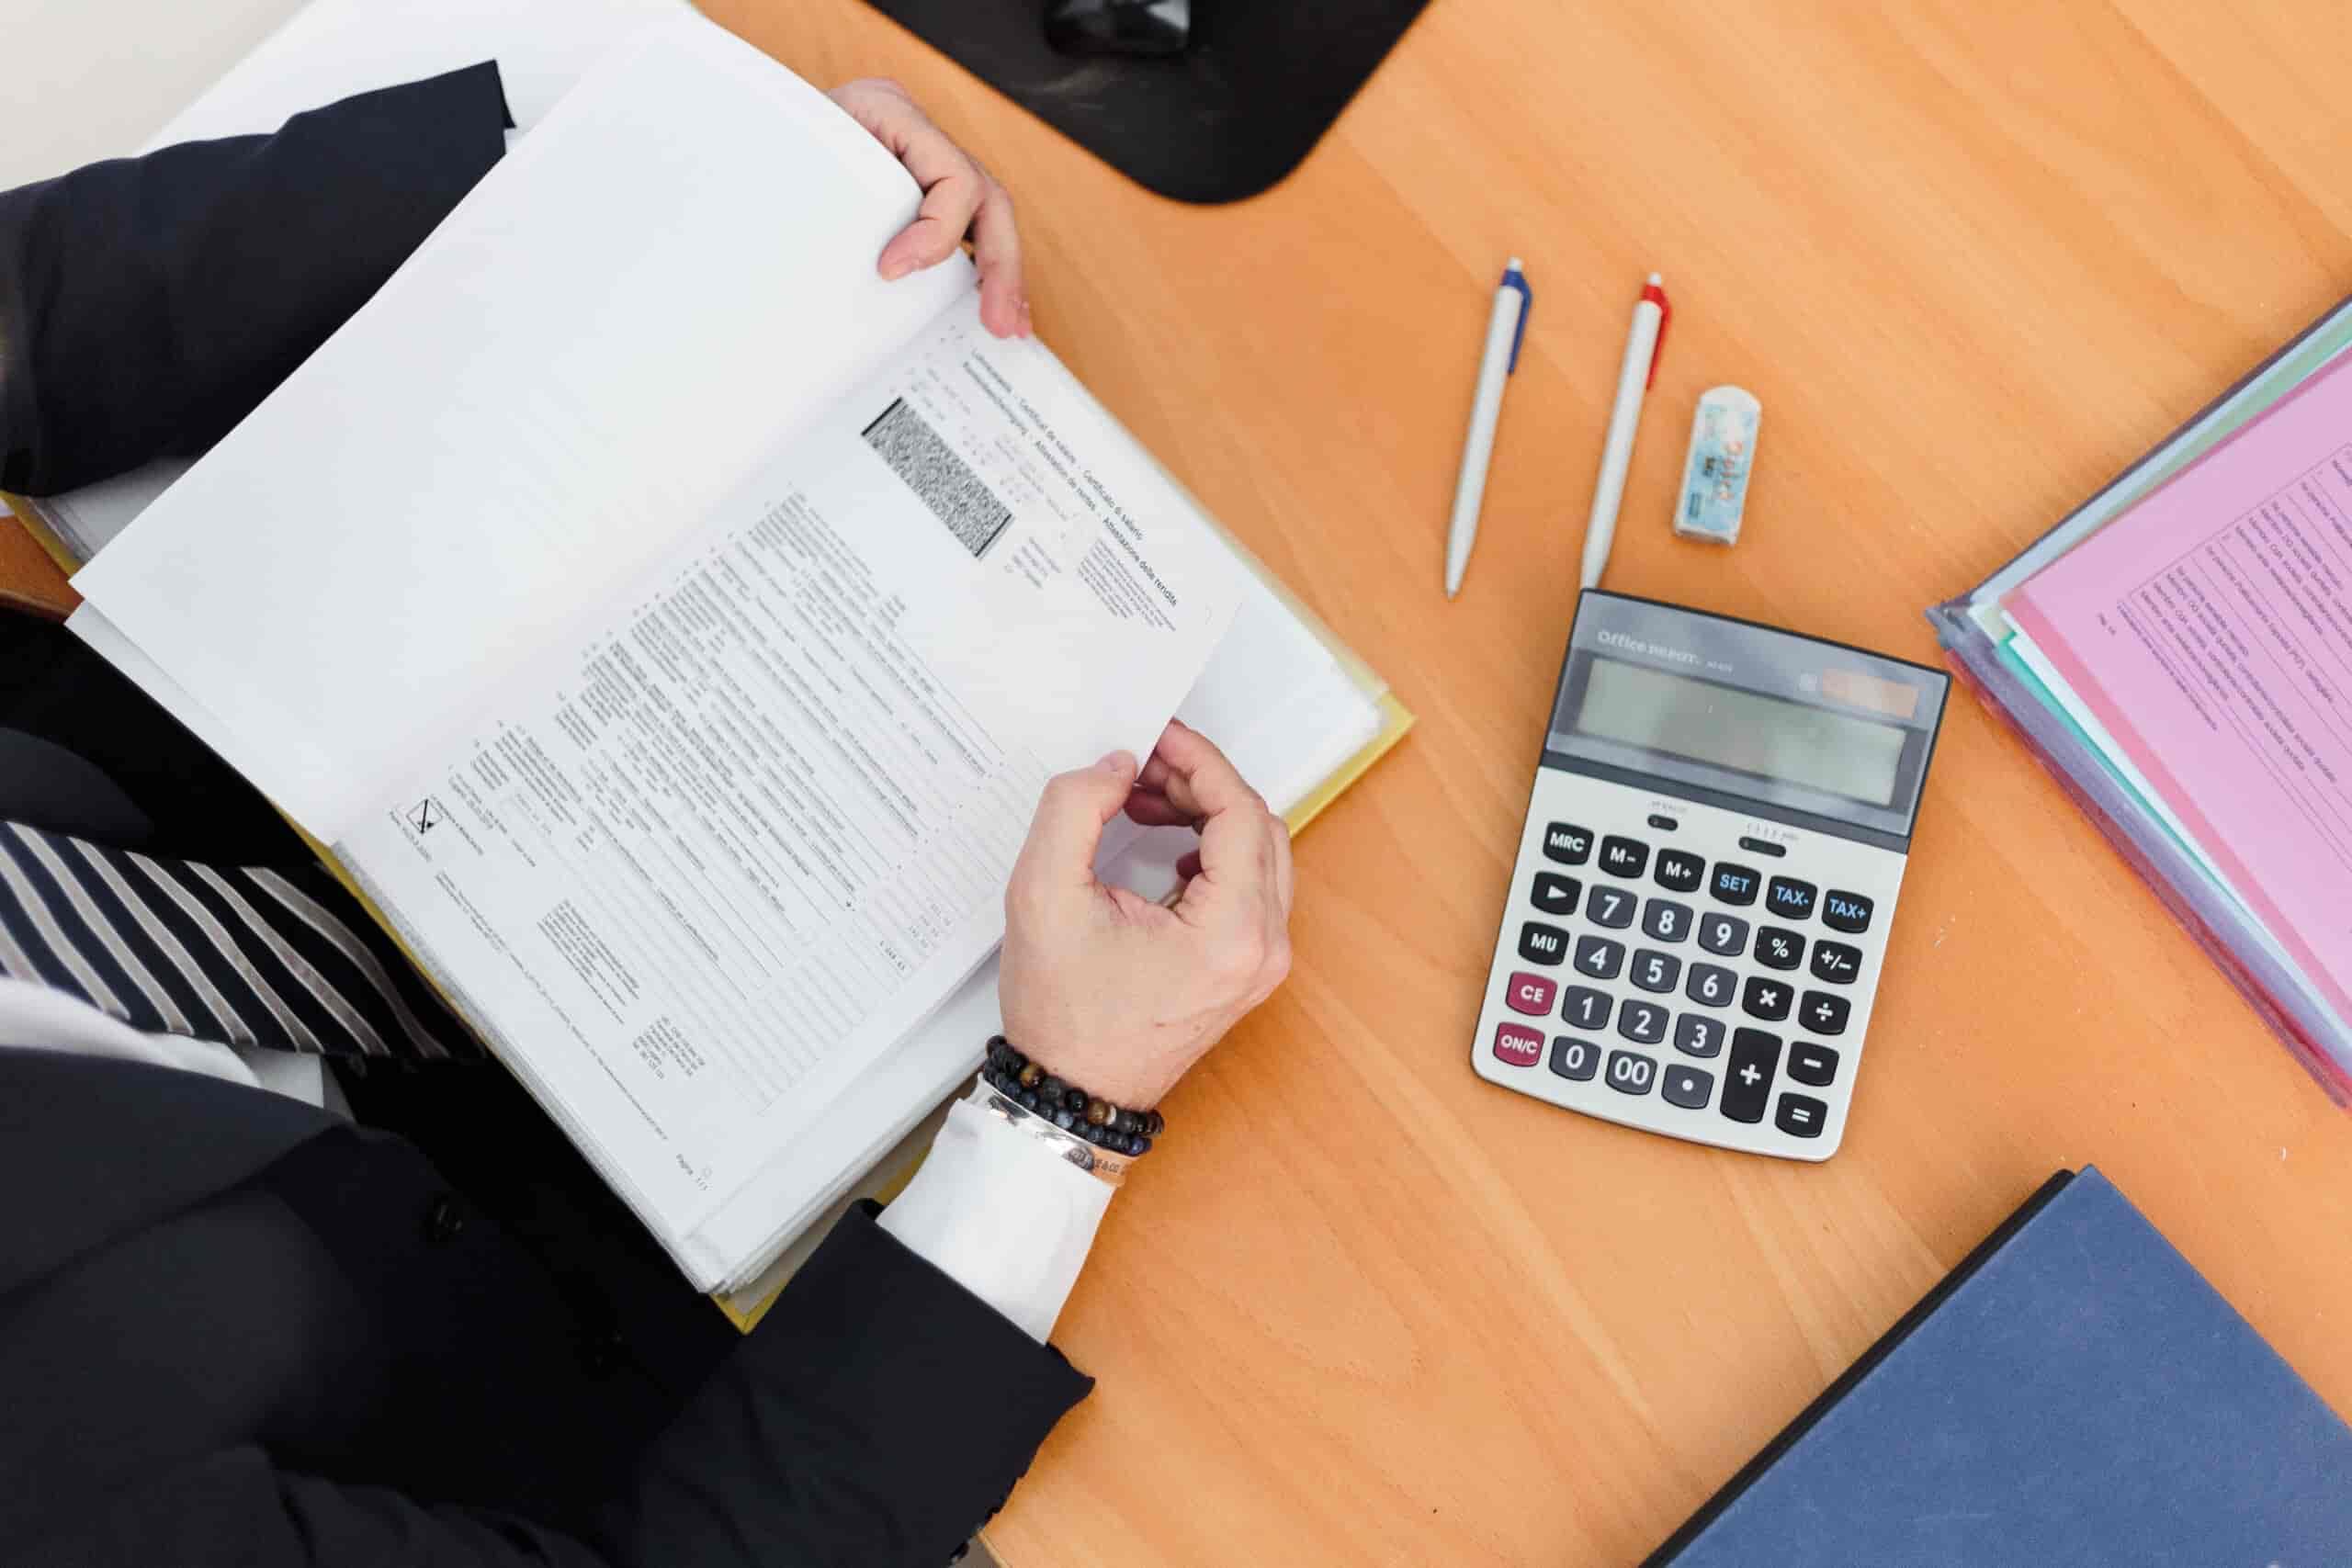 Ampliación del plazo de presentación y pago del Impuesto de Sucesiones y Donaciones y del Impuesto sobre Transmisiones Patrimoniales y Actos Jurídicos Documentados